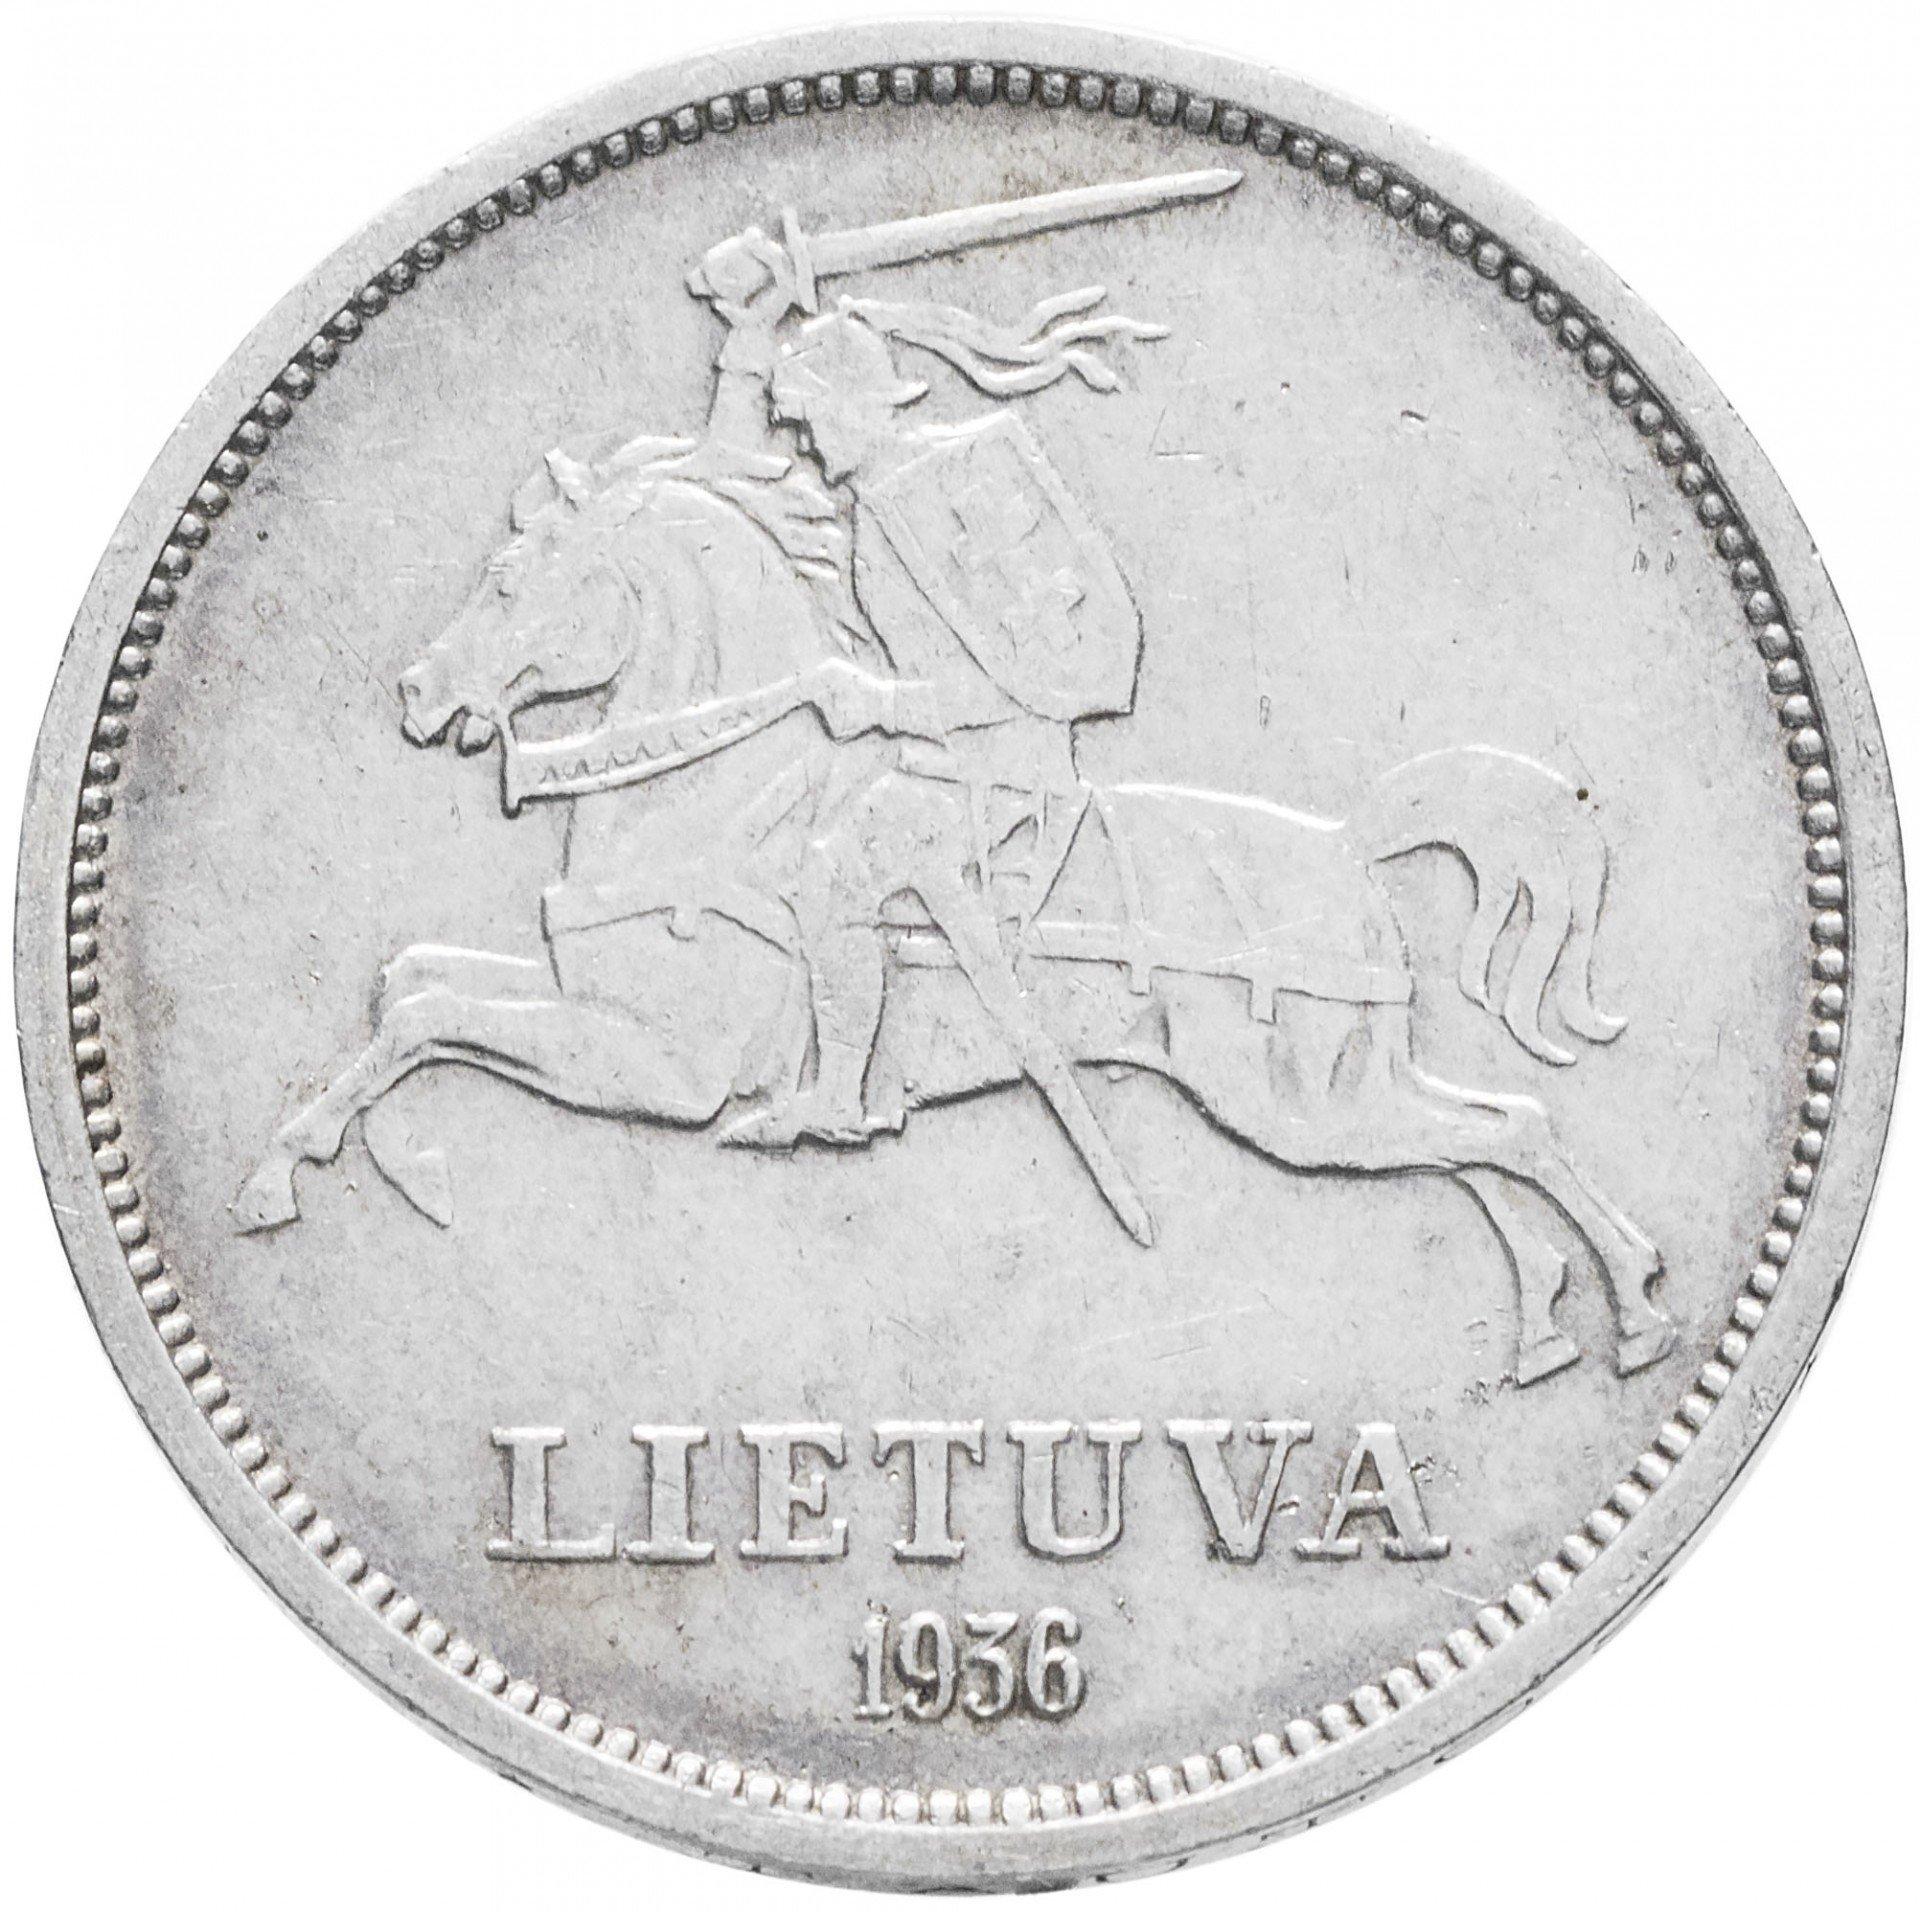 5 лит 1936 литва монета 10 рублей 1997 года цена